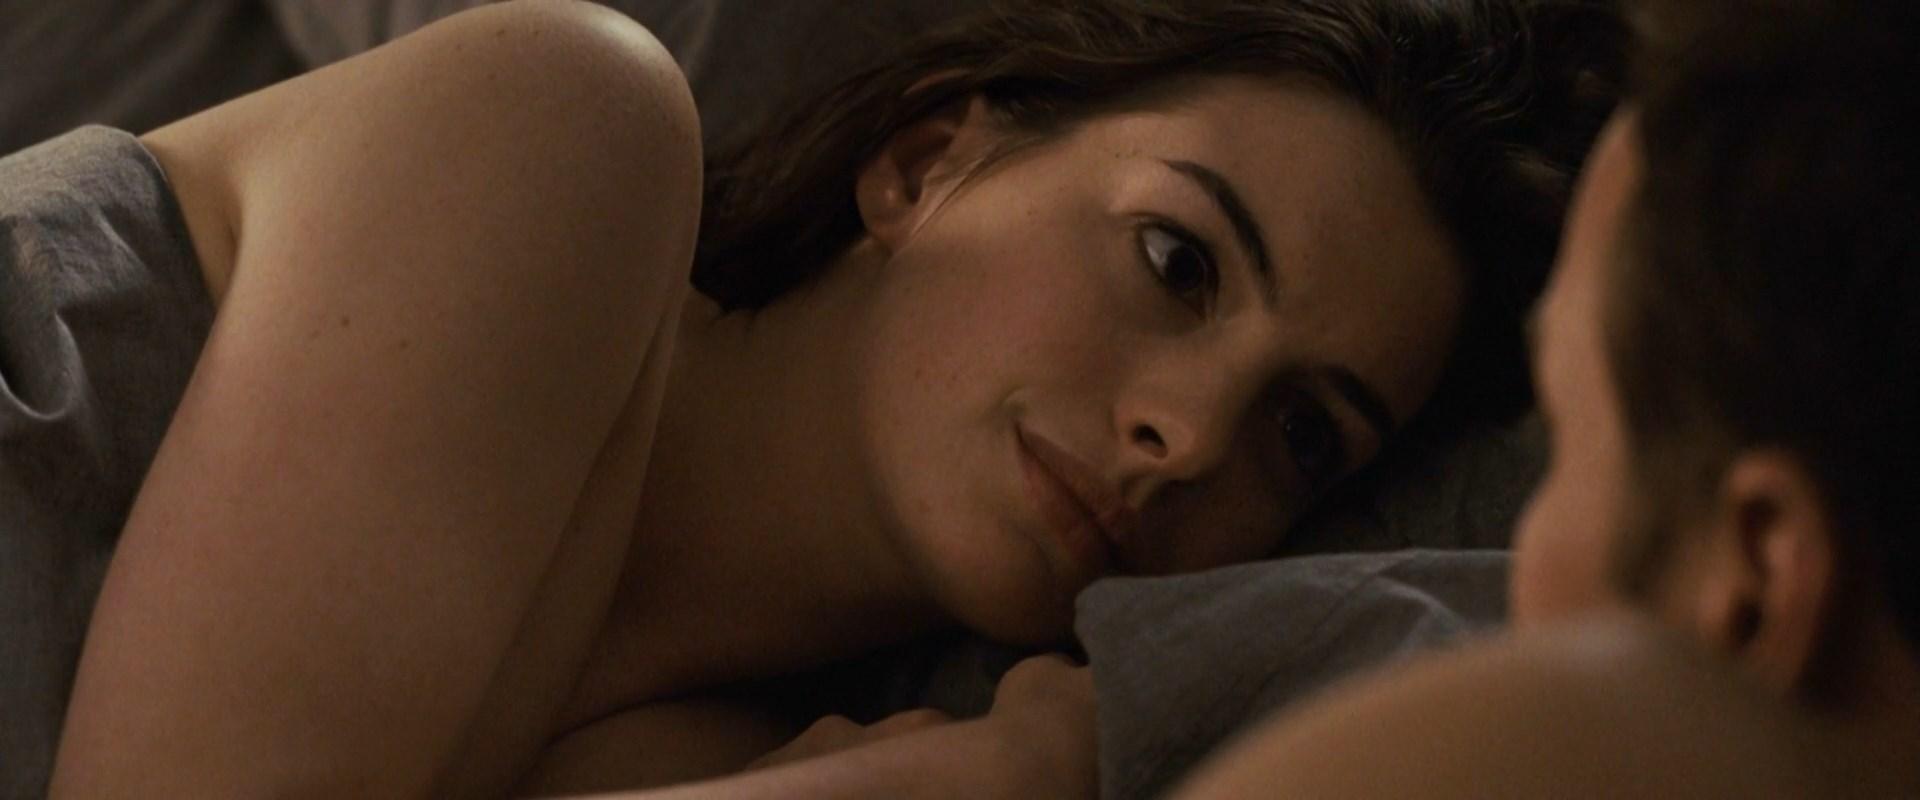 Twilight nude scene